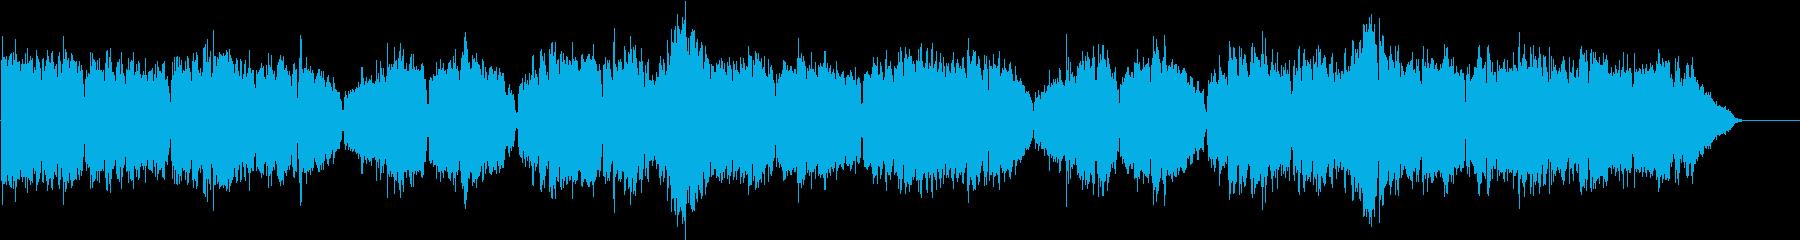 表彰式 定番曲 金管・打楽器アレンジ の再生済みの波形